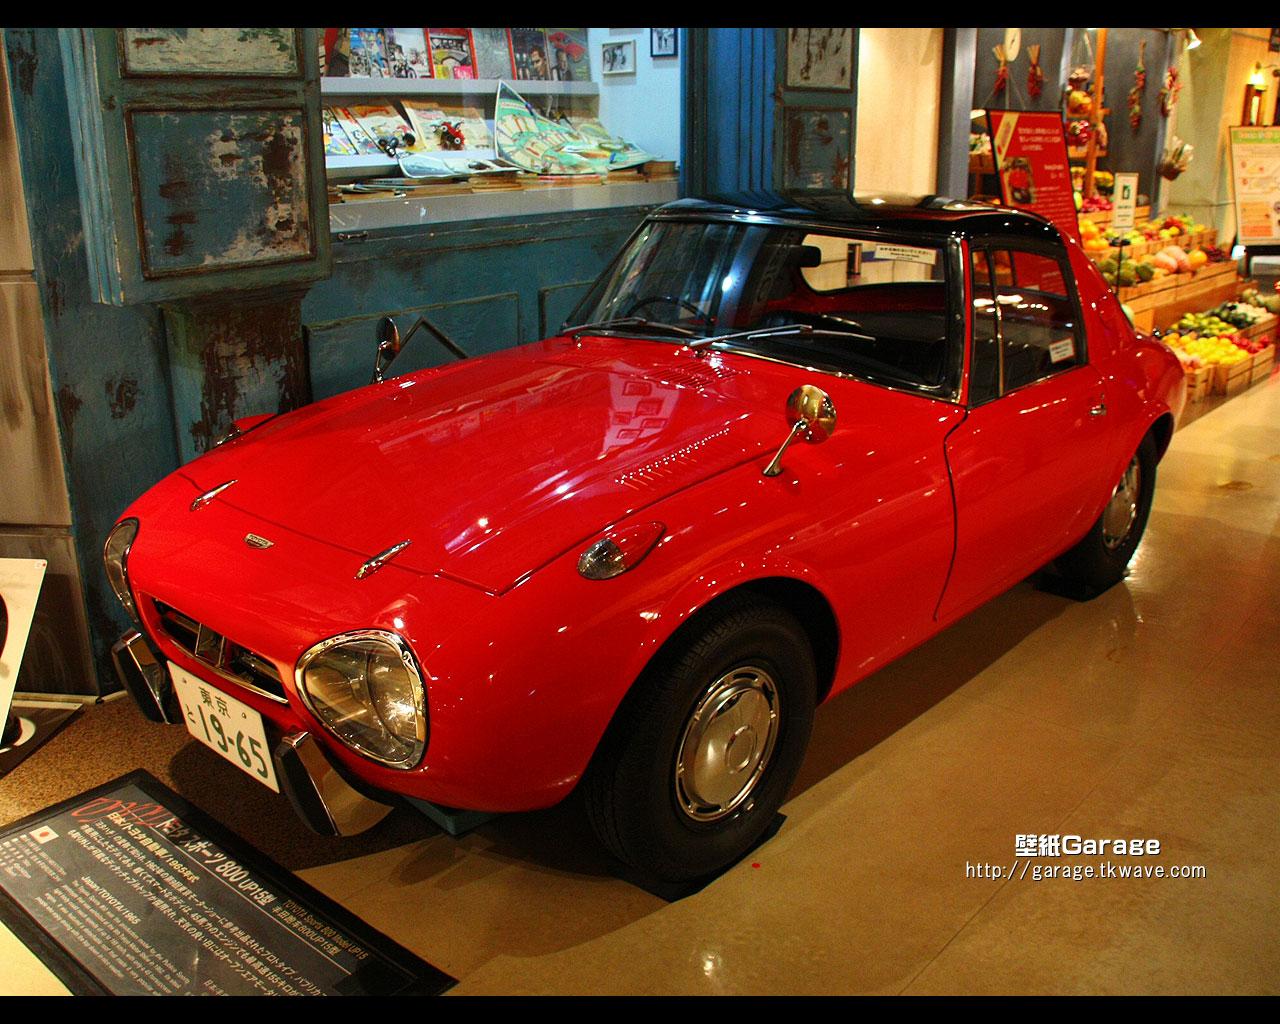 トヨタ・スポーツ800の画像 p1_38